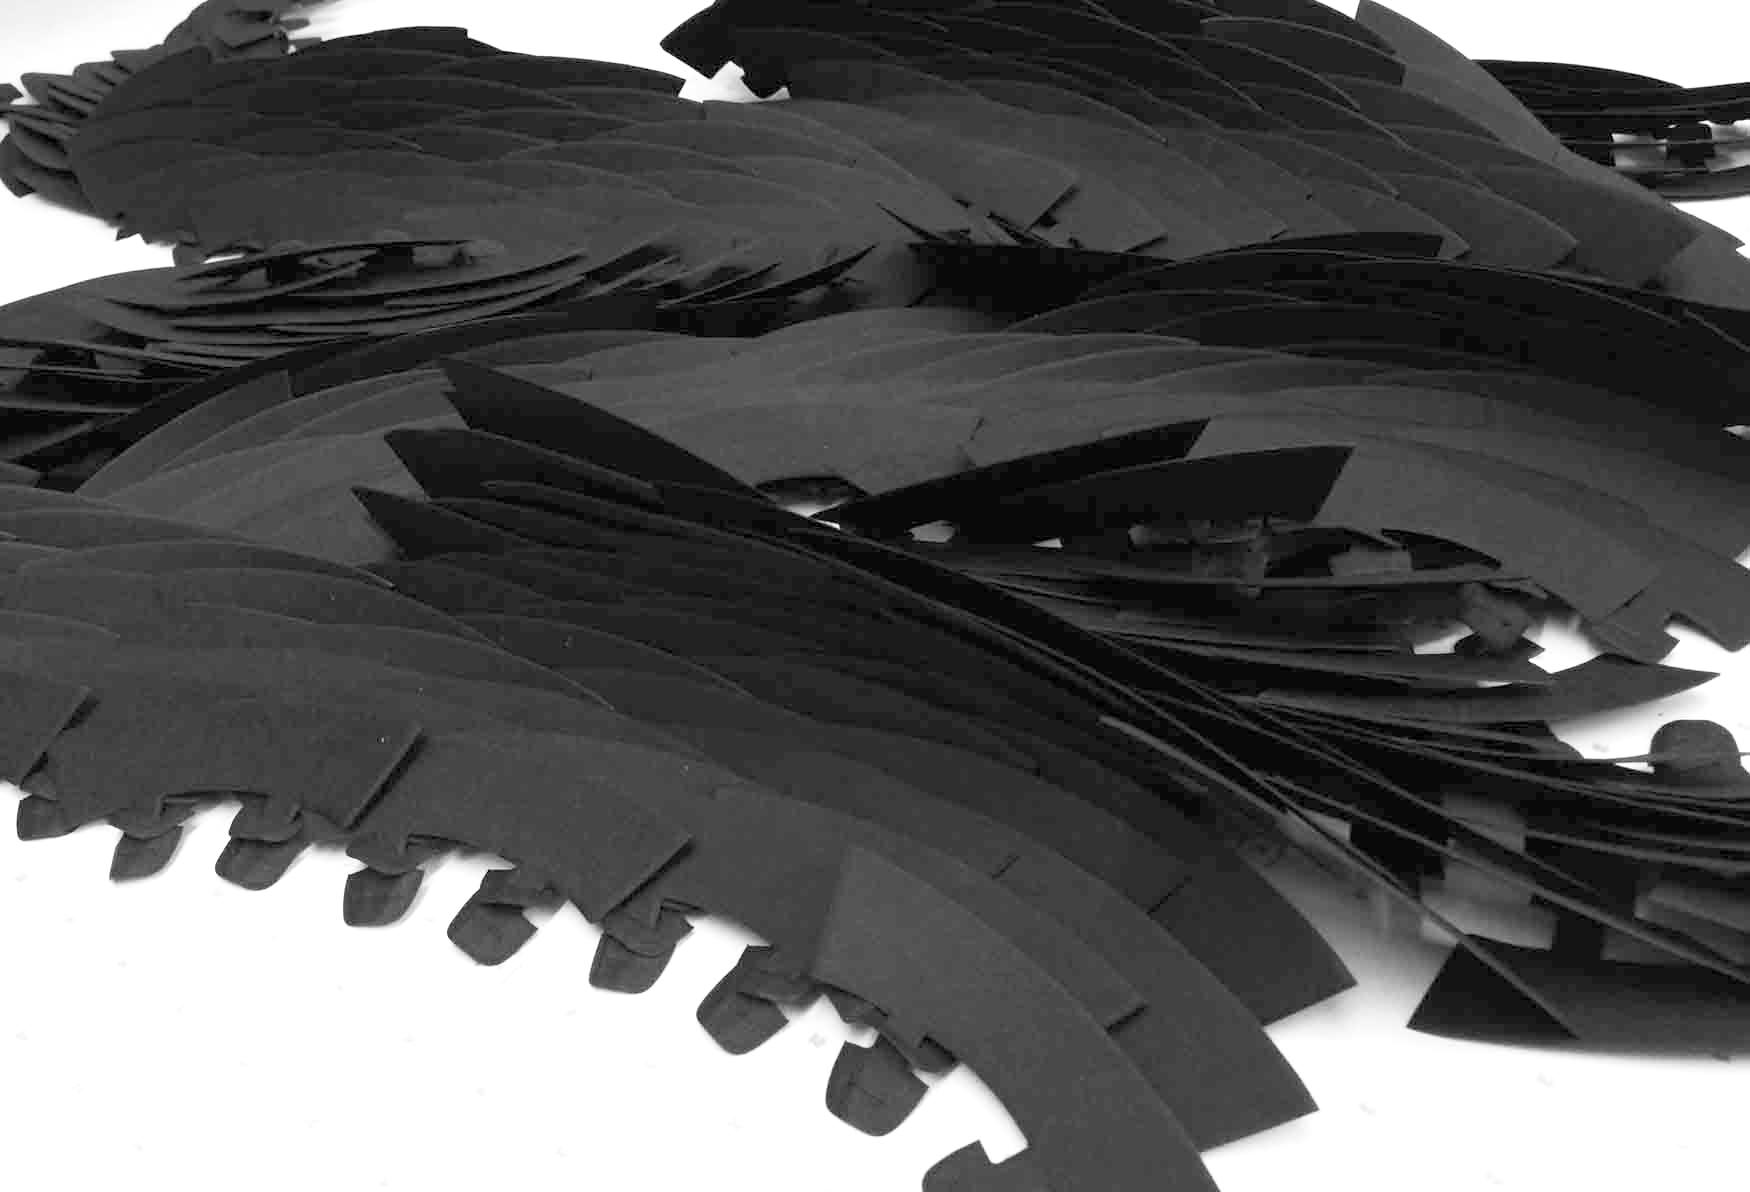 building die-cut hand-linked 'susurrus' sculpture